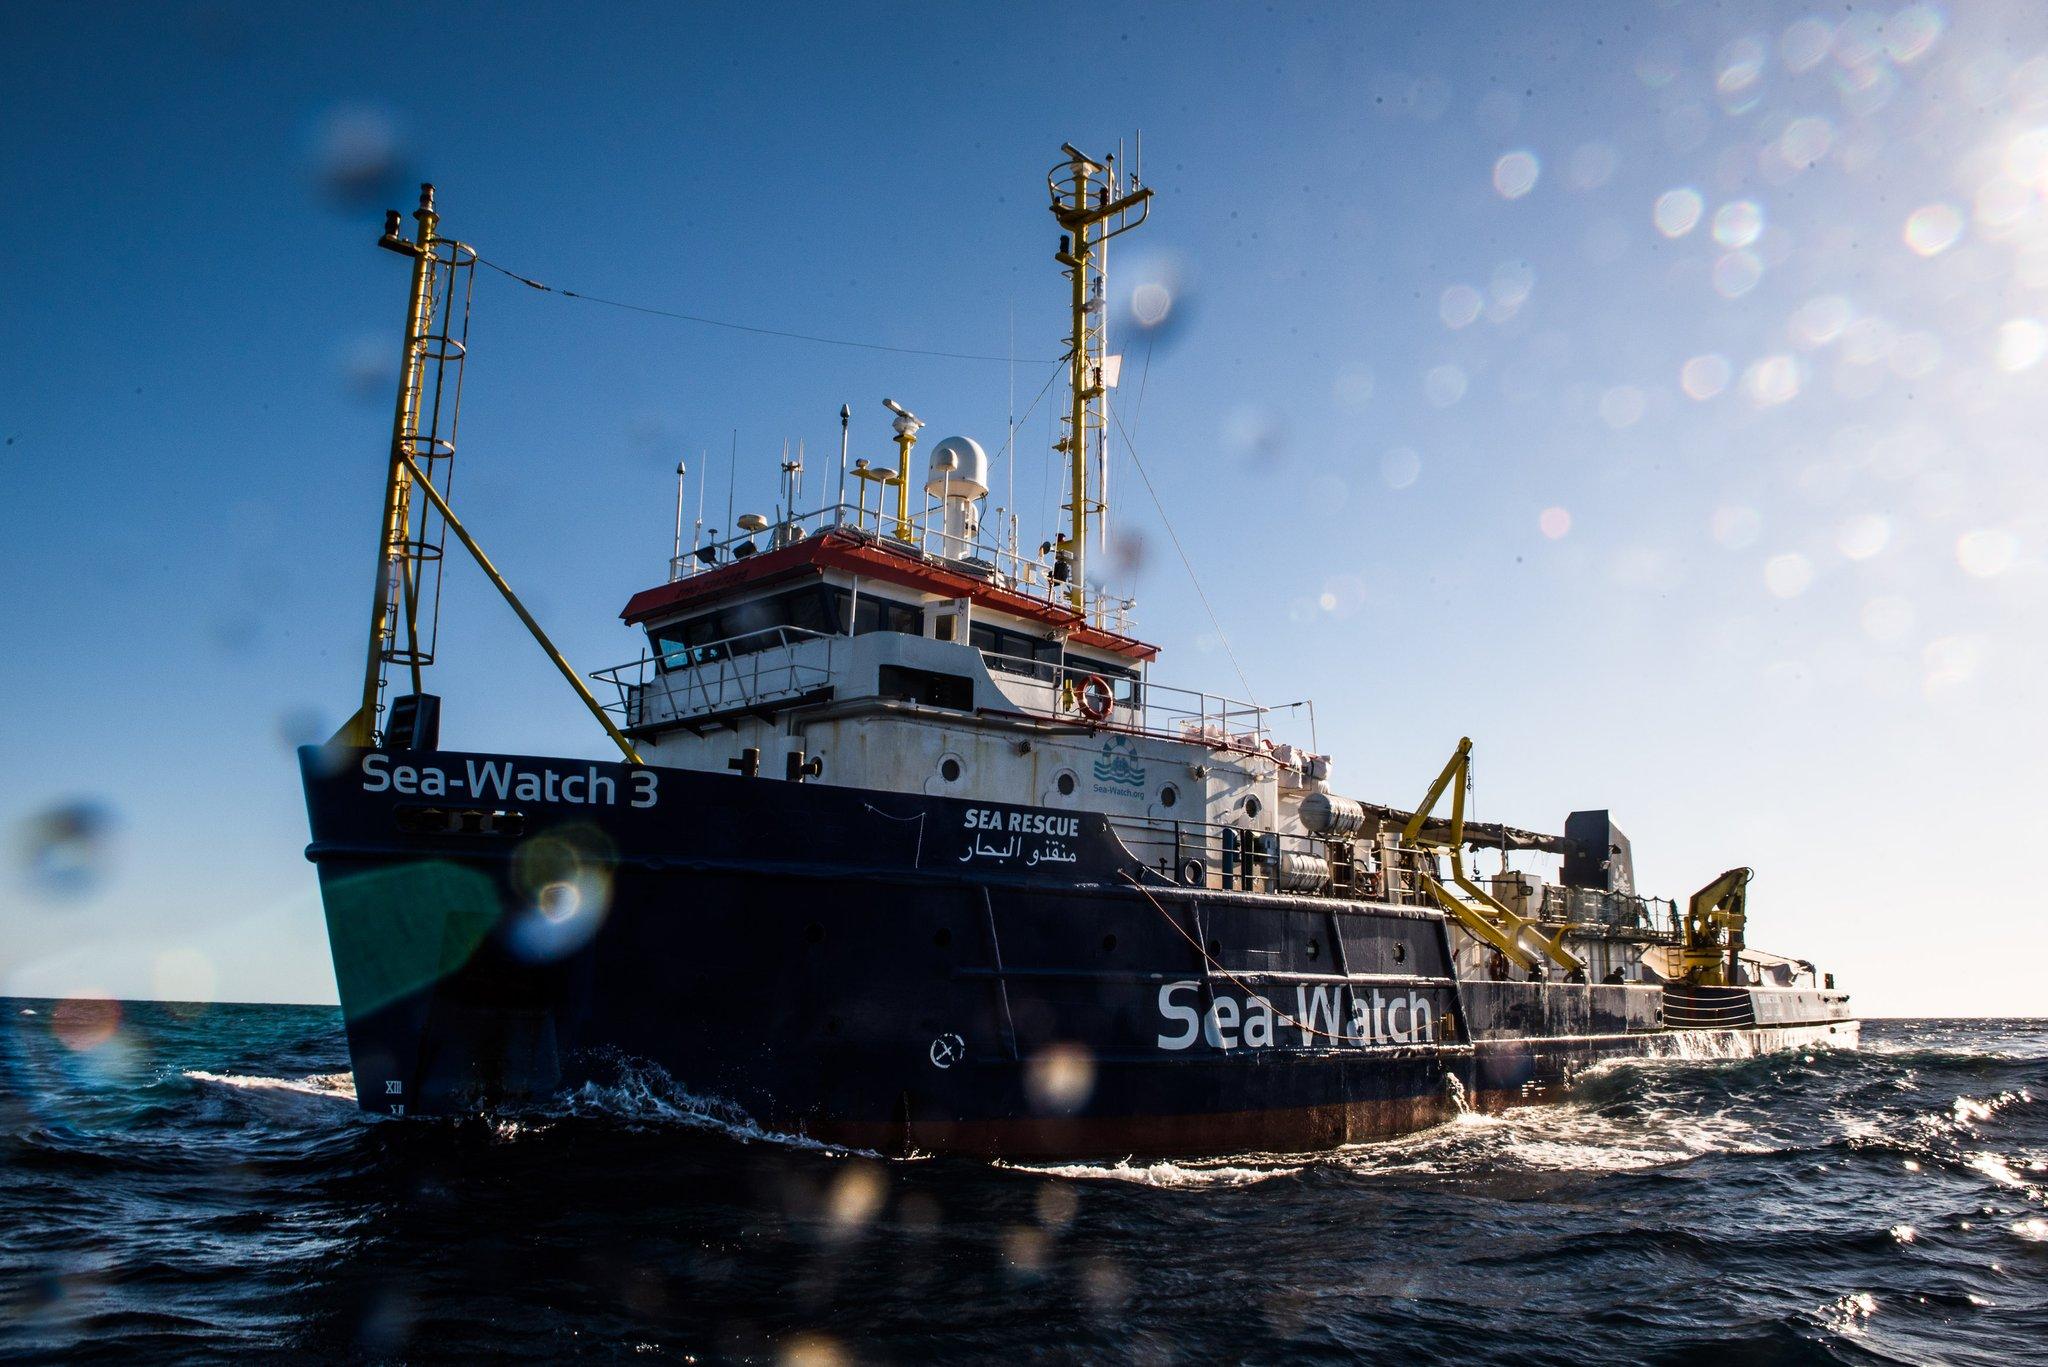 Migranti, Sea Watch 3 forza il blocco e entra in acque italiane